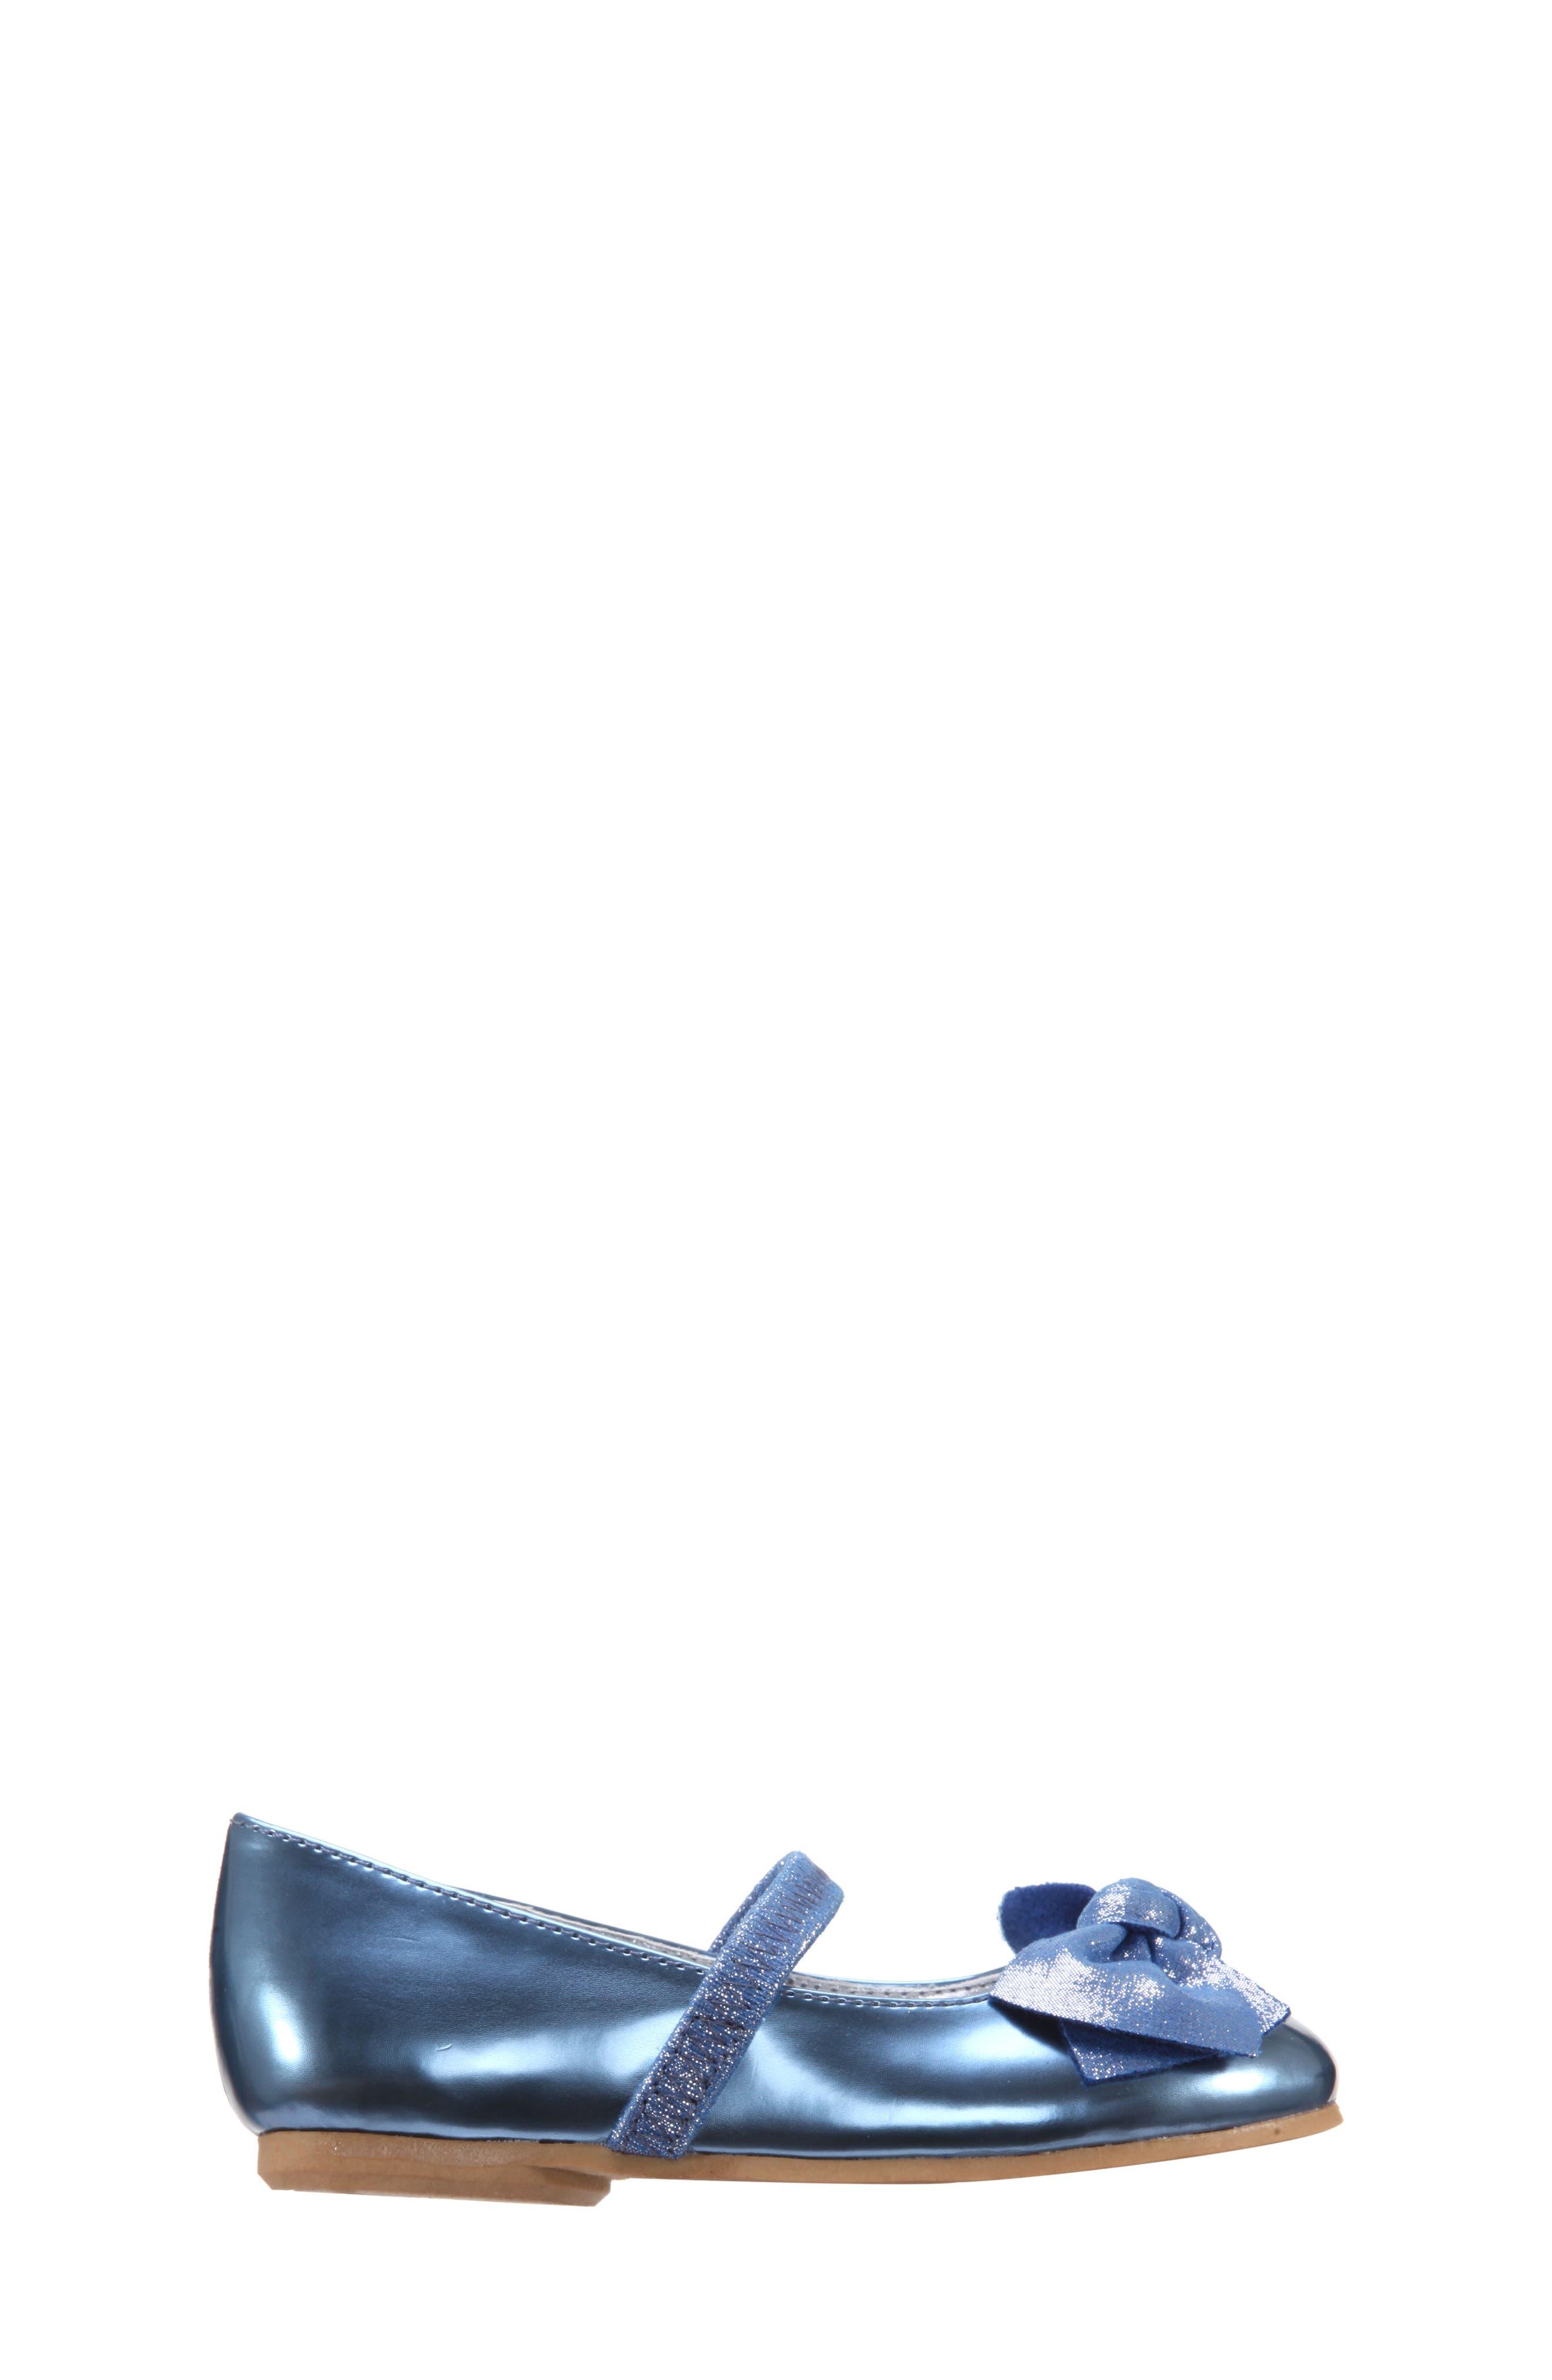 Kaytelyn-T Glitter Bow Ballet Flat,                             Alternate thumbnail 3, color,                             Blue Mirror Metallic